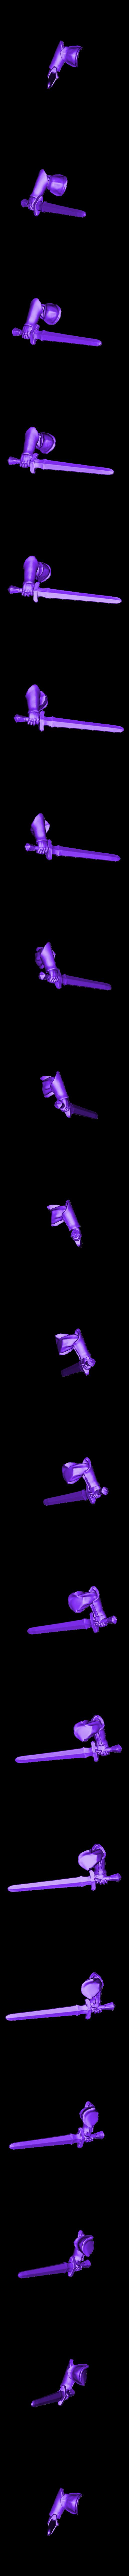 sword_v1.stl Télécharger fichier STL gratuit Infatrie des elfes / Miniatures des lanciers • Plan imprimable en 3D, Ilhadiel